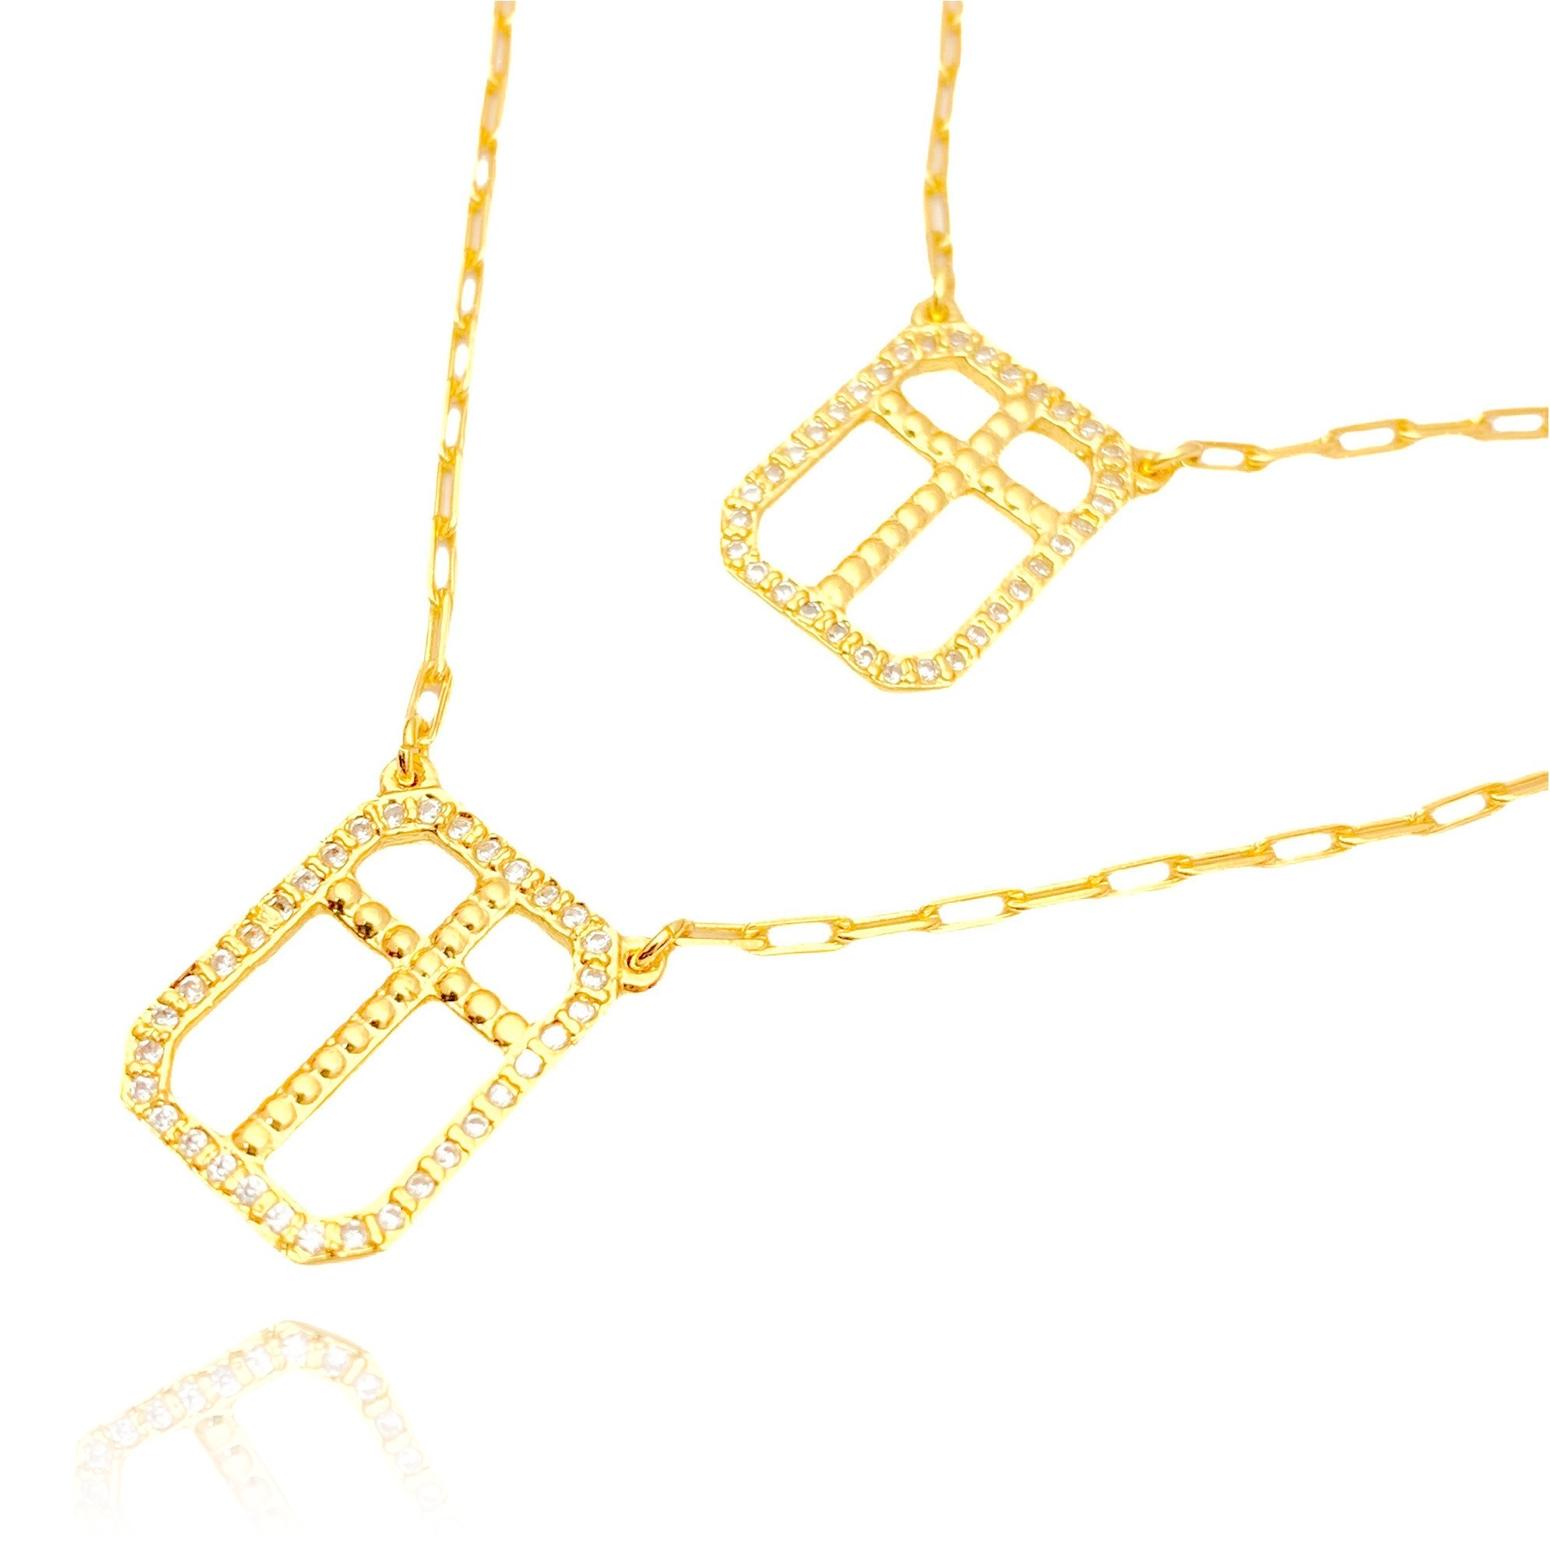 Escapulário Crucifixo Cravejado 60cm (9,1g) (Banho Ouro 24k)